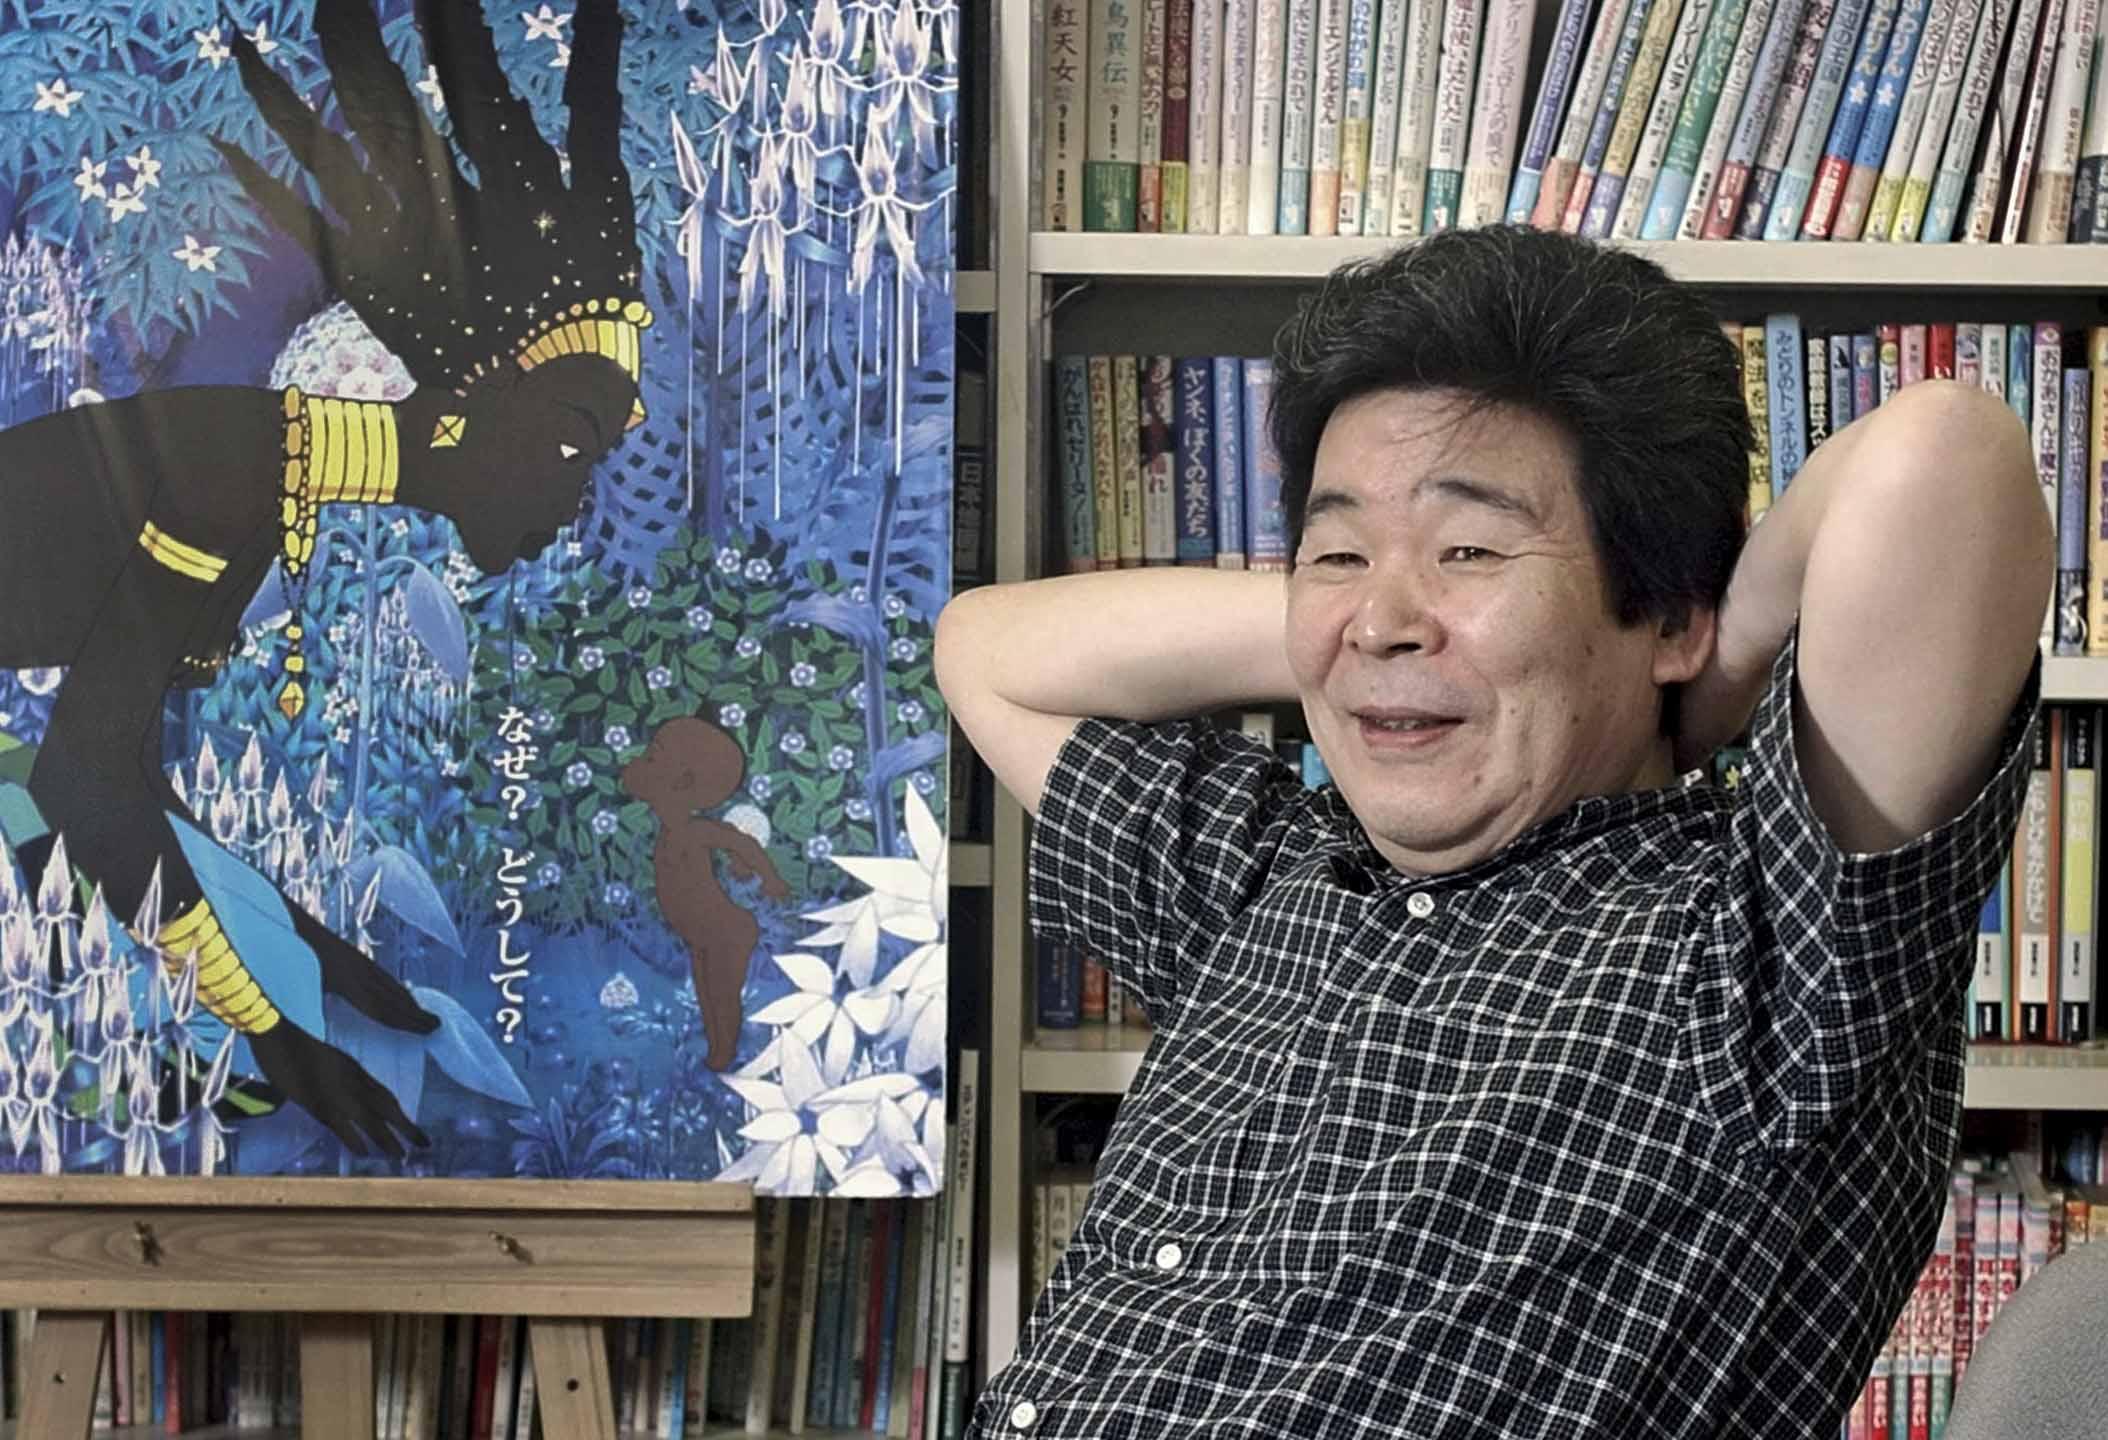 高畑勳(1935年10月29日-2018年4月5日),是日本重要的動畫電影導演、製作人。與宮崎駿、鈴木敏夫等人創辦吉卜力工作室,曾執導《螢火蟲之墓》、《平成狸合戰》、《輝耀姬物語》等動畫電影。 攝:Imagine China